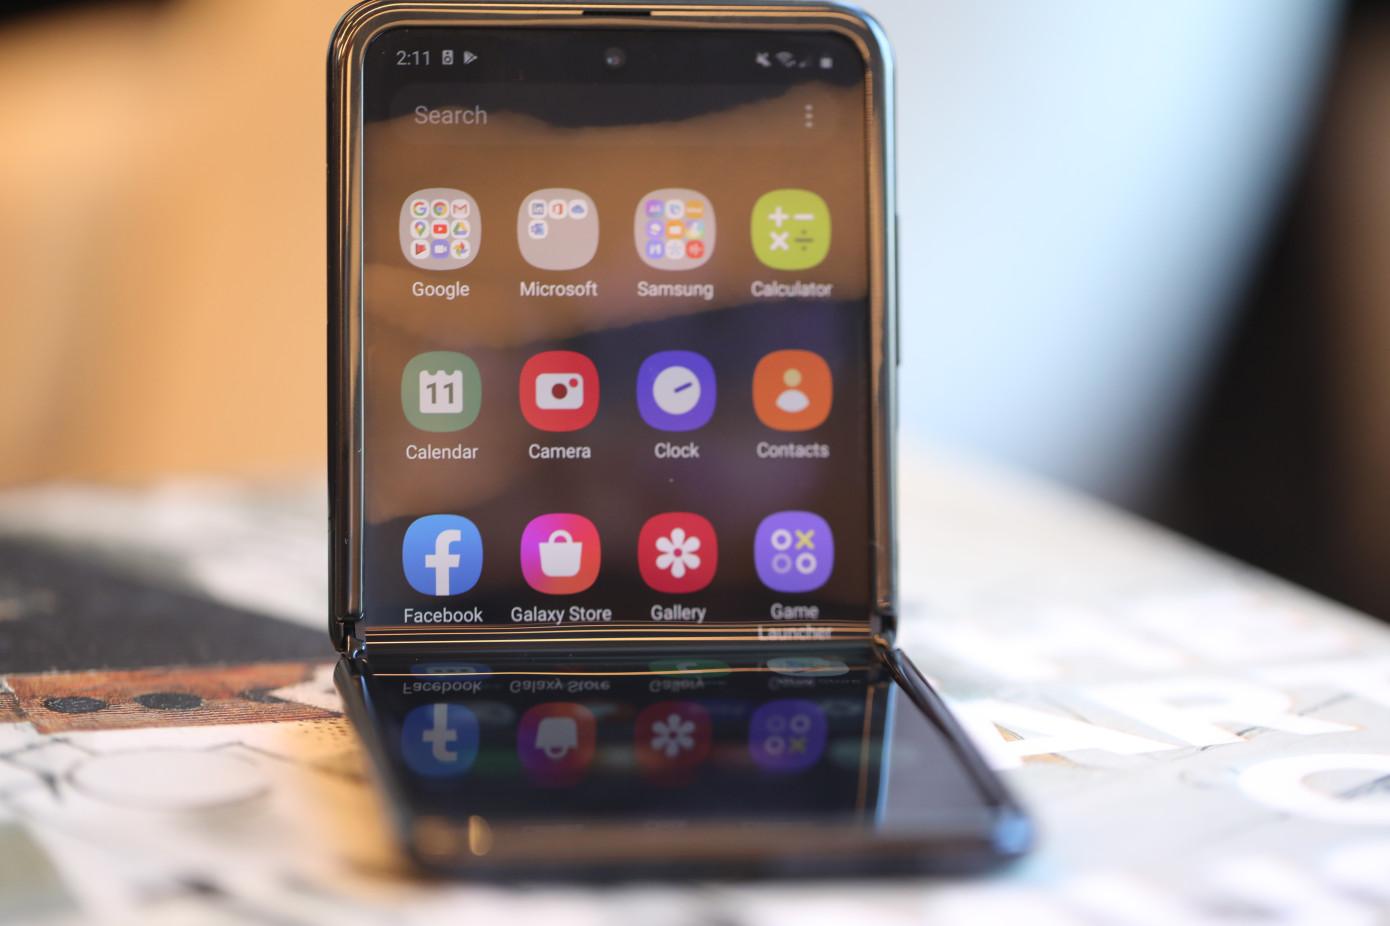 Galaxy Z Flip opened on a desk